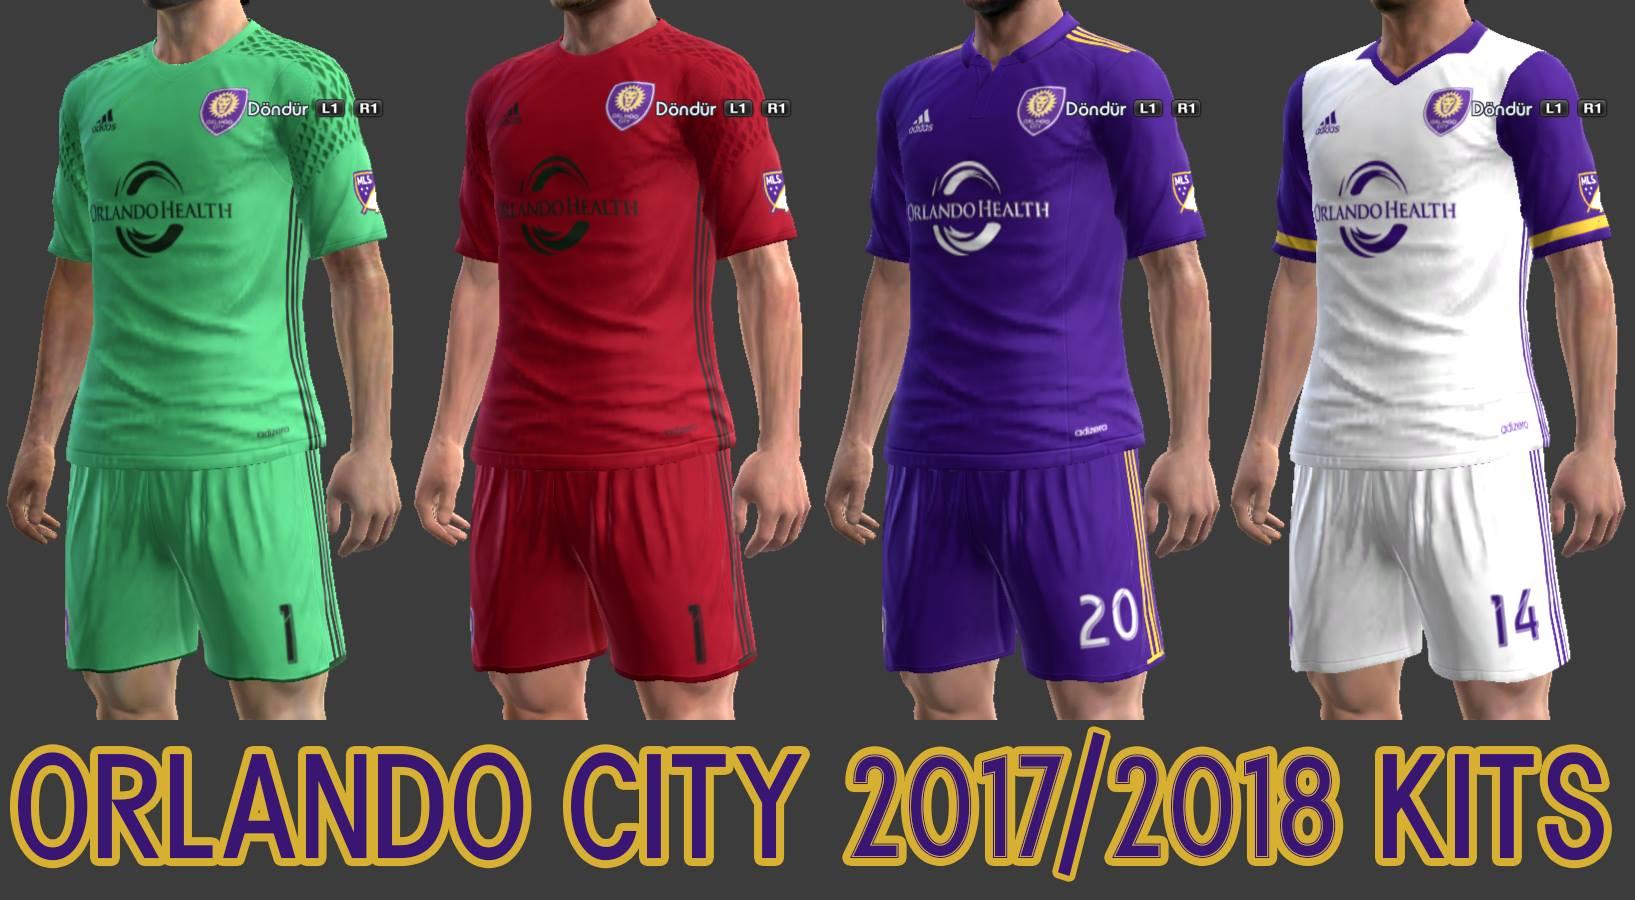 کیت پک فصل 2017/18 تیم Orlando City SC از لیگ (MLS) برای Pes 2013